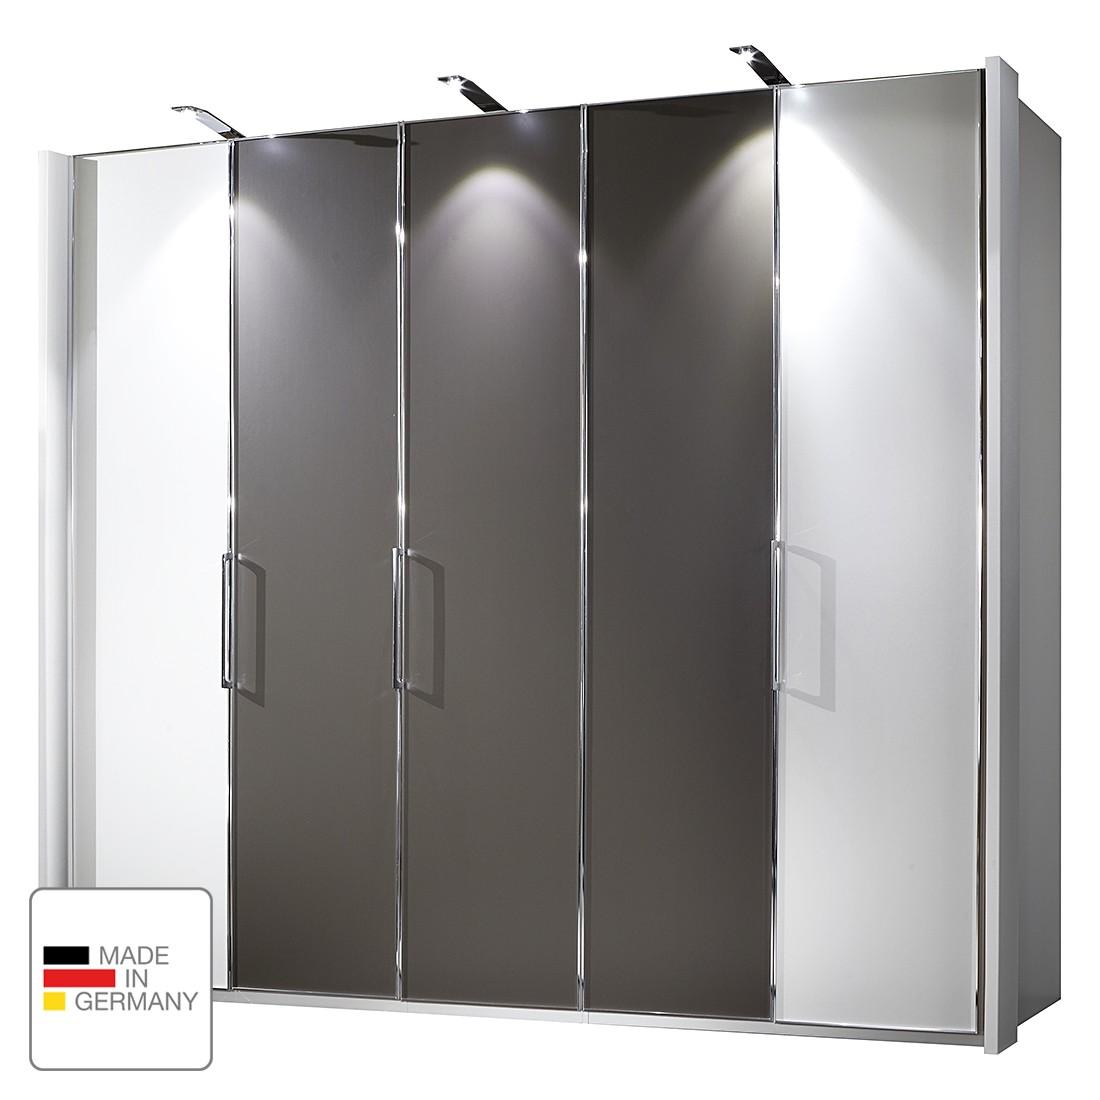 Drehtürenschrank Monza I – Alpinweiß/Havanna – LED-Beleuchtung – 300 cm (6-türig) – 4 Türen mit Absetzung – 236 cm, Althoff jetzt kaufen